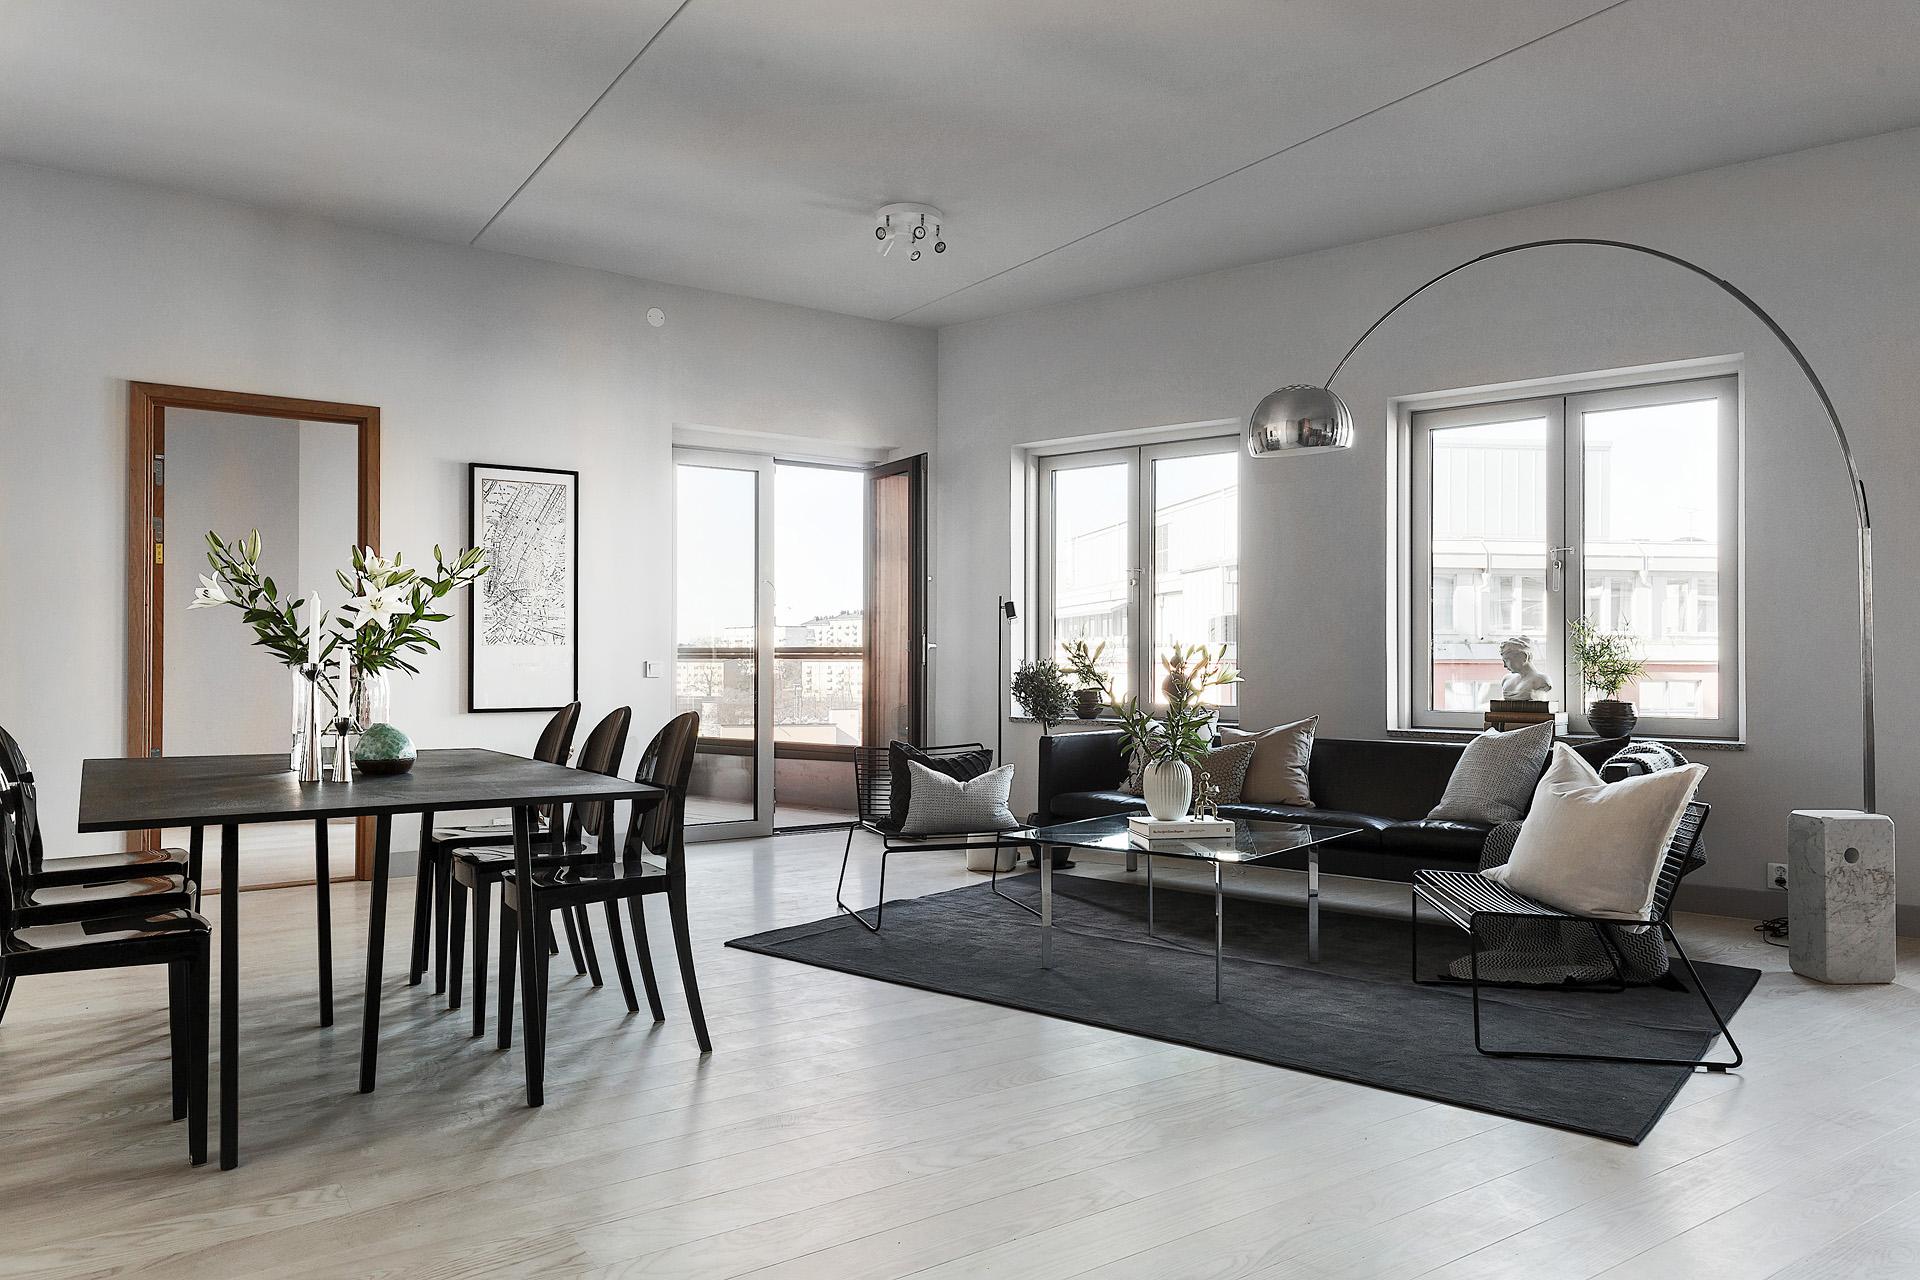 гостиная диван обеденный стол